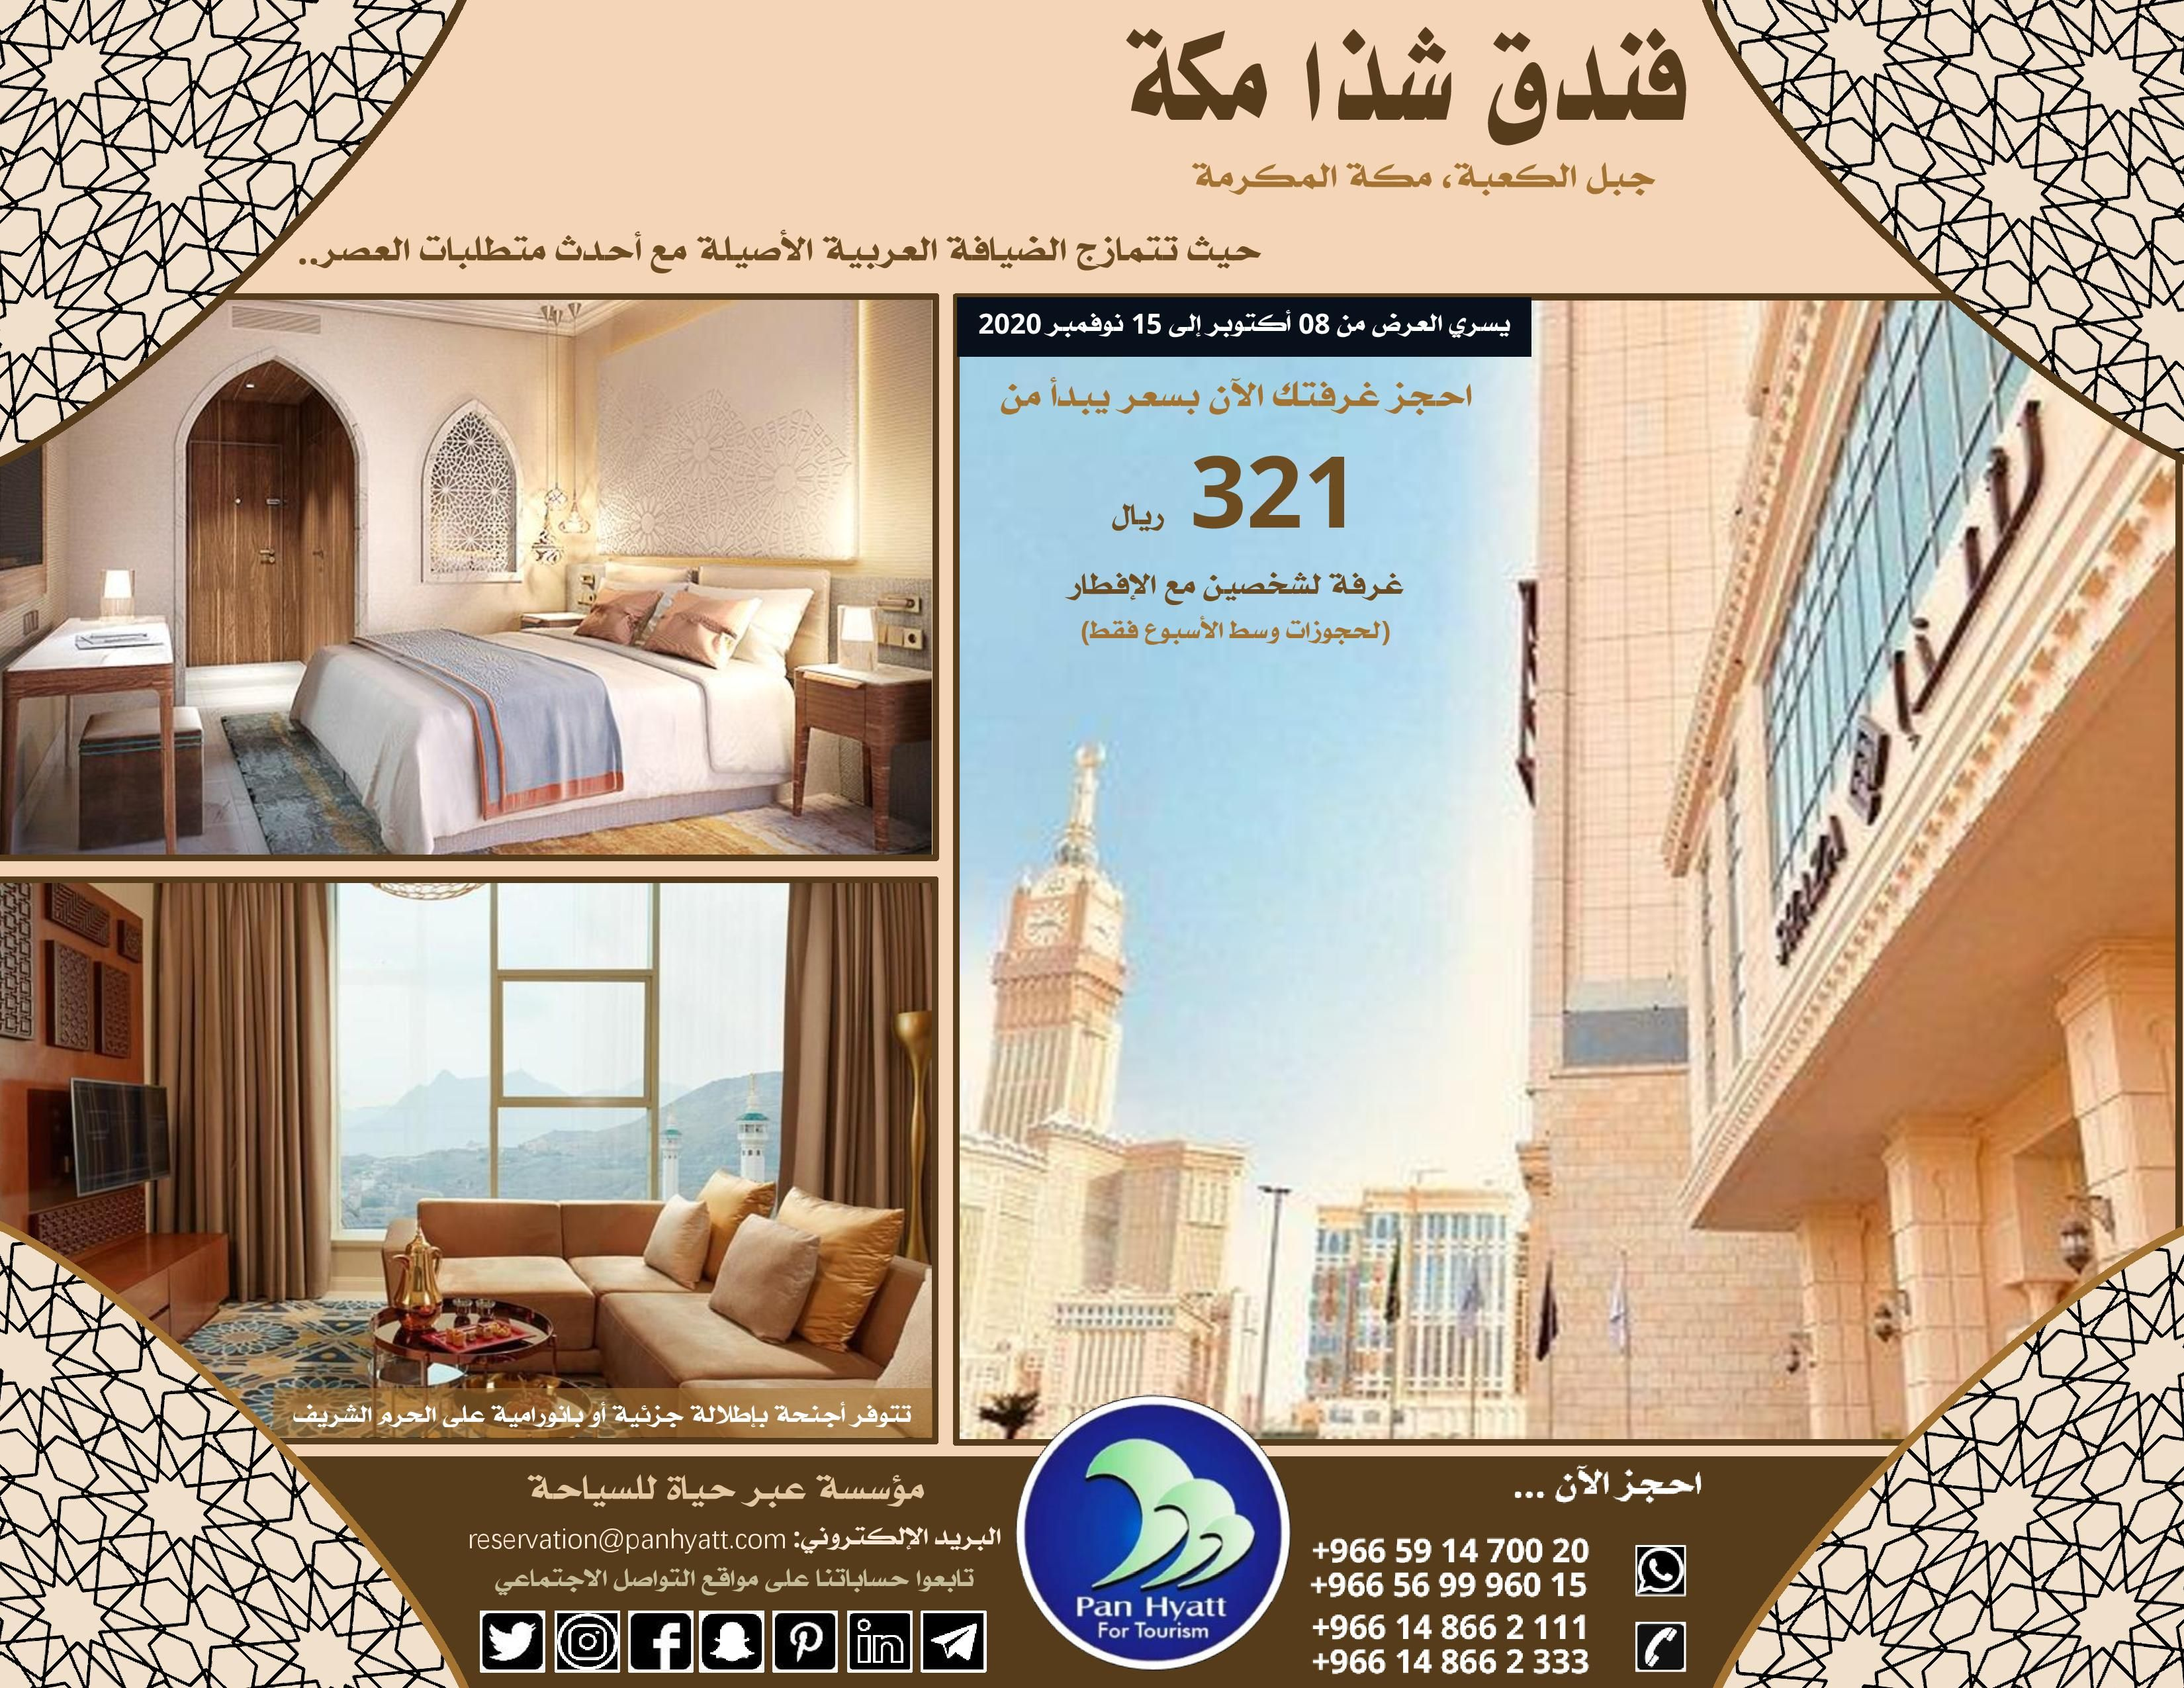 فنادق حجوزات مكة المكرمة فنادق مكة الحرم المكي إجازة عودة العمرة العمرة الزيارة عروض فندقية عروض مخفضة غرف أجنحة ي Hotel Offers Hotel Best Hotels